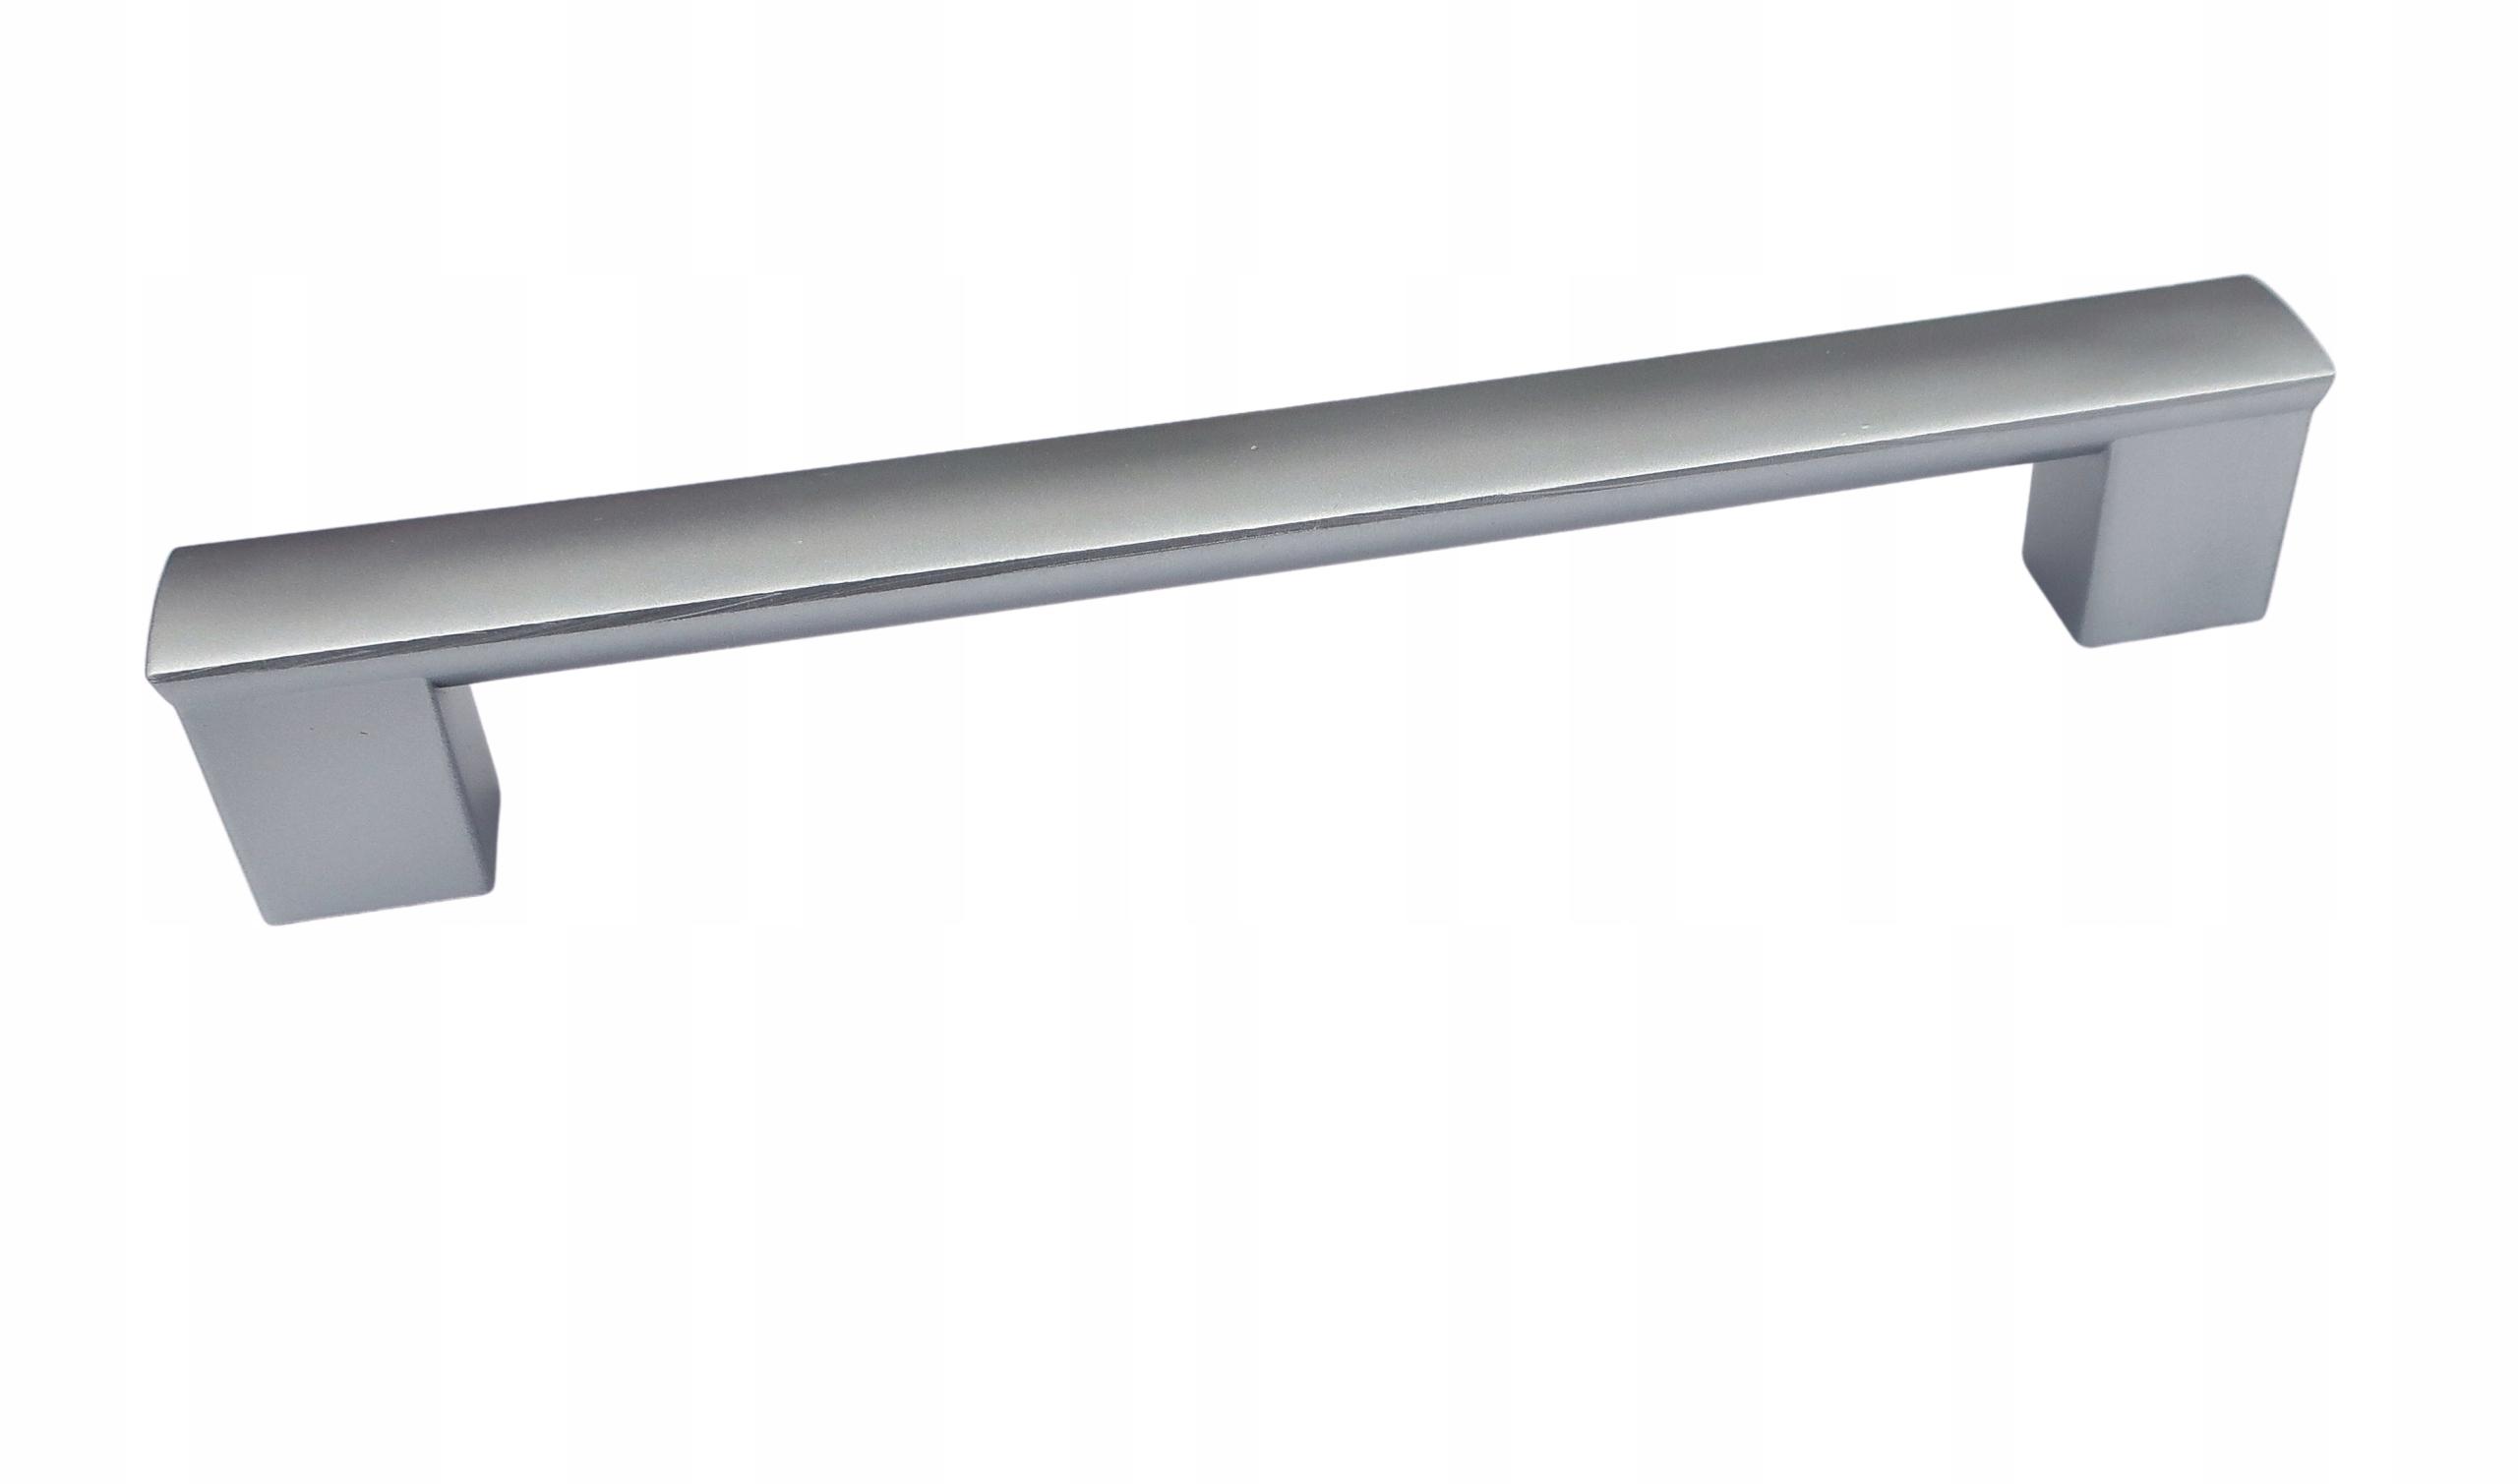 Ручка мебельная UC 160мм серебристая + винты